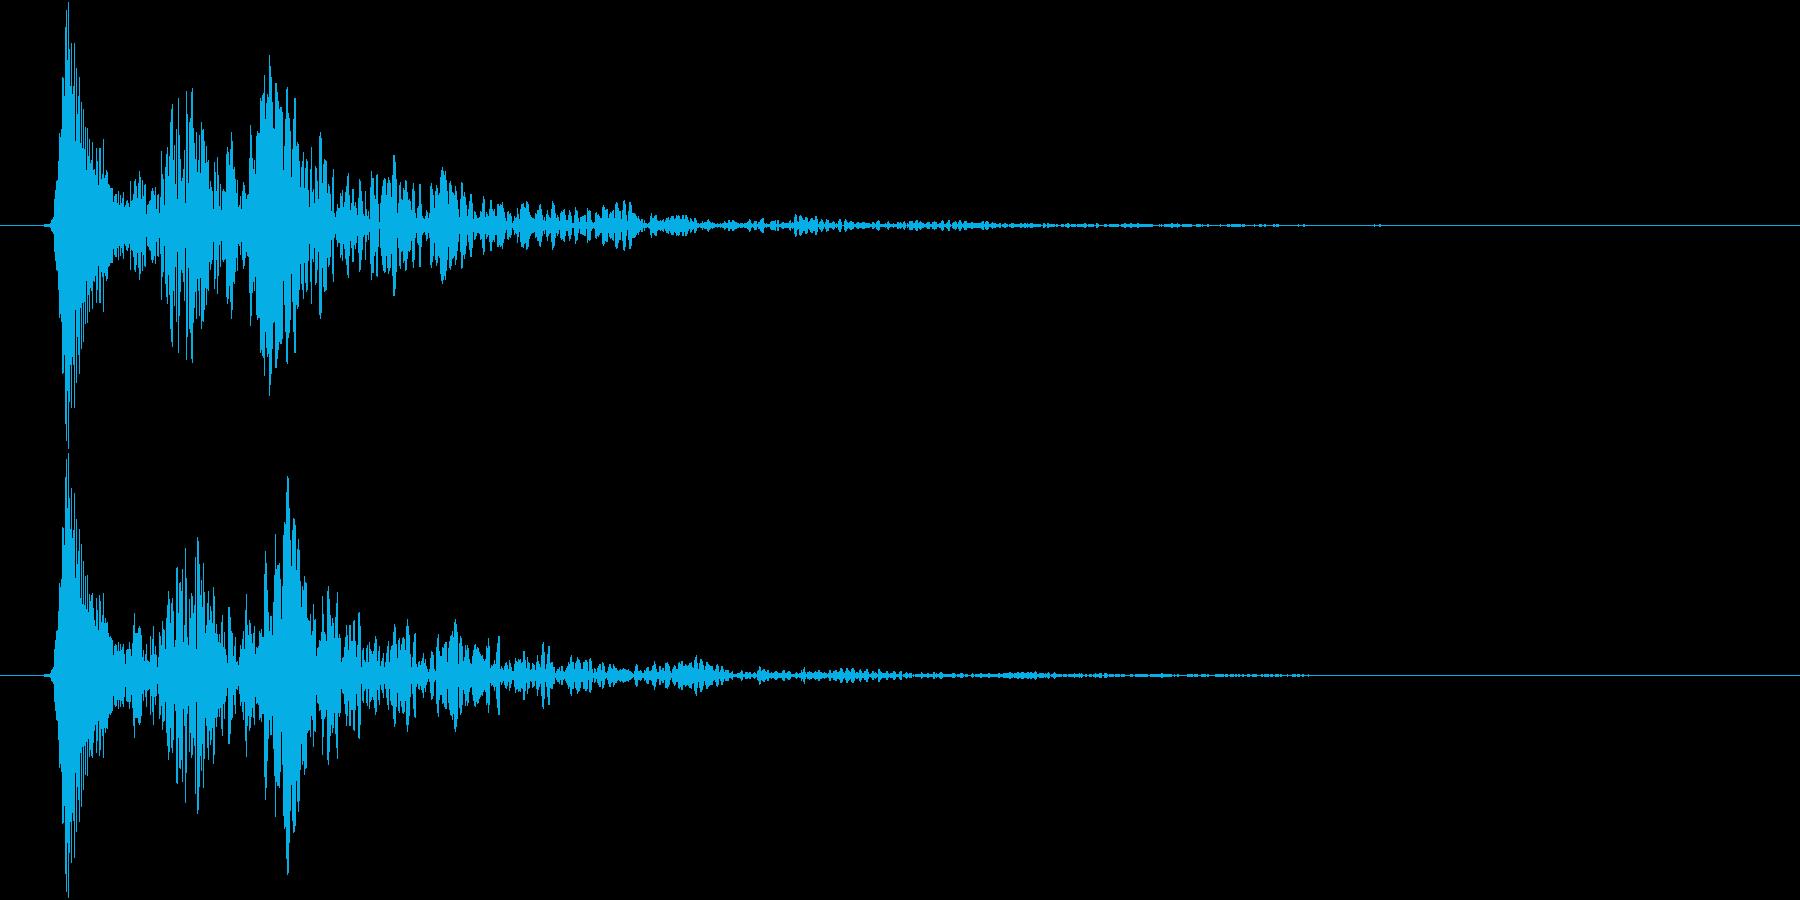 柔らかい or 毒々しい音(ボユン)の再生済みの波形